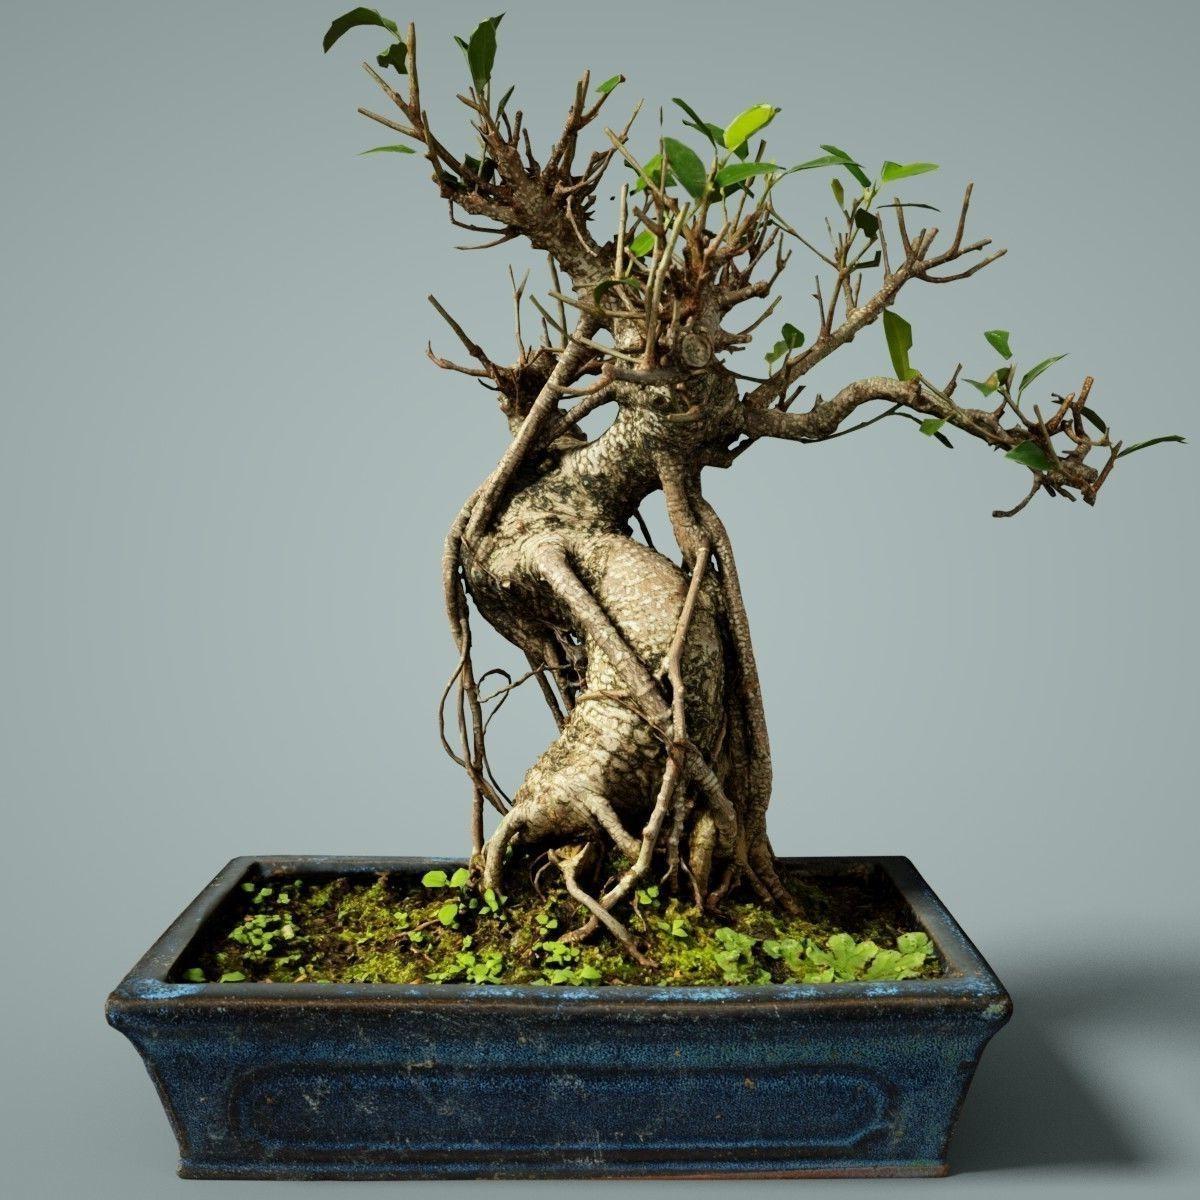 Lors de la Convention internationale du bonsaï de 2012, le prix d'un bonsaï a été estimé à 100 millions de yens, soit un peu moins d'un million de dollars.